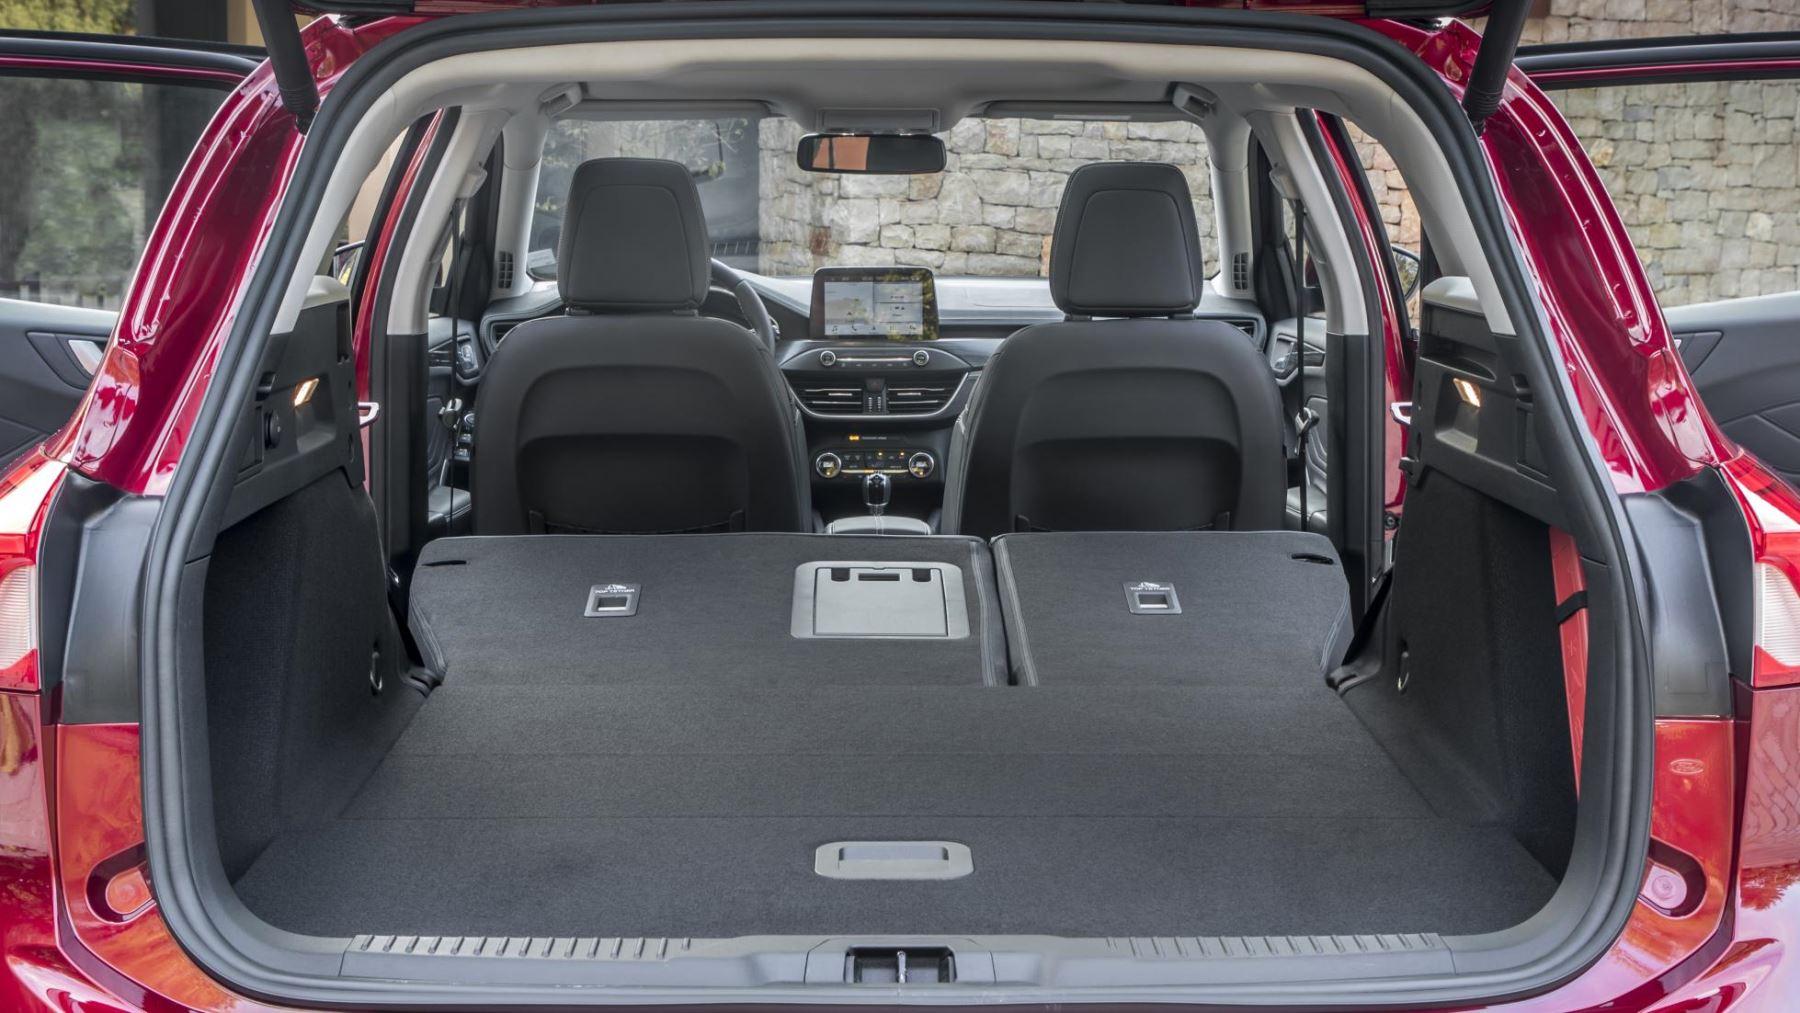 Ford Focus Vignale 2.0 Diesel 150ps image 4